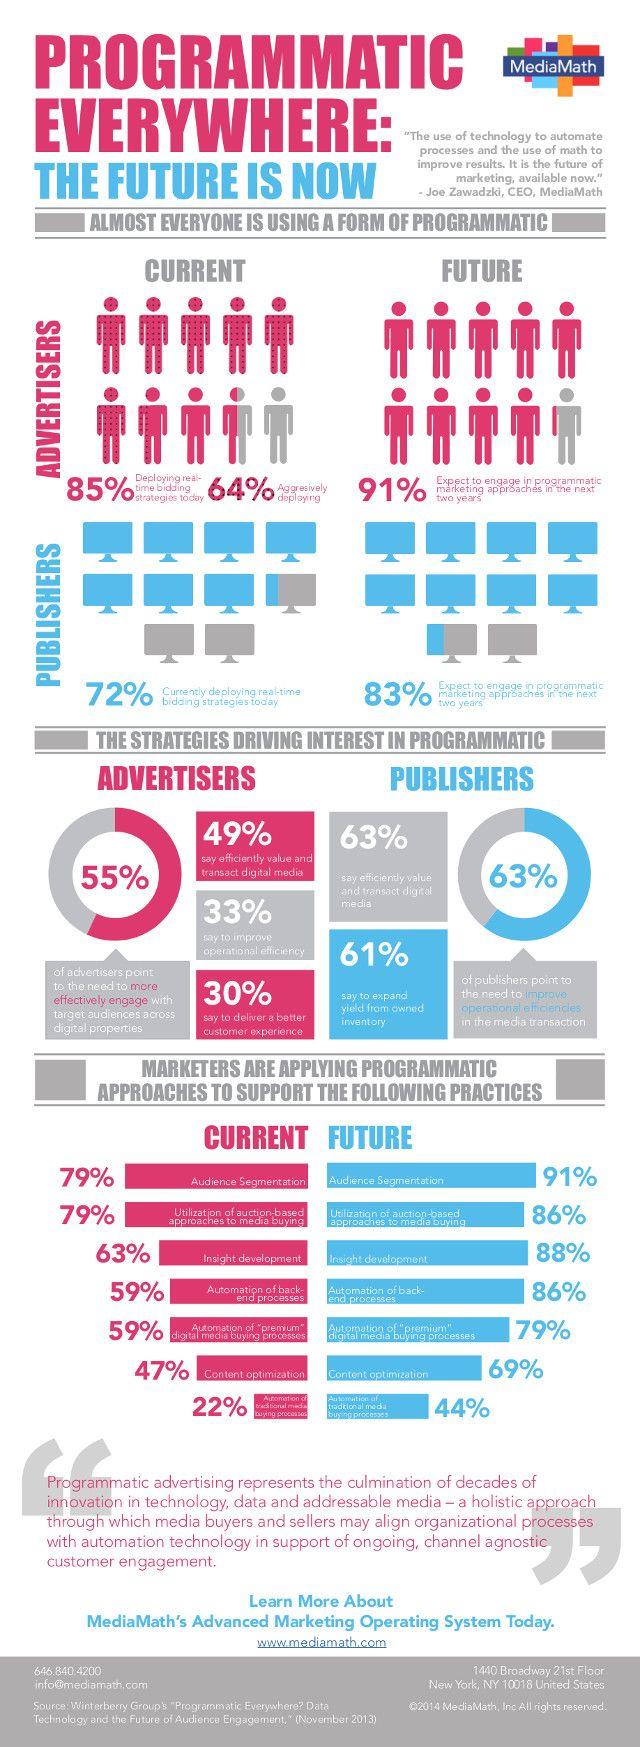 2015 : où en sommes-nous en matière d'adoption du programmatique chez les annonceurs et les éditeurs ?